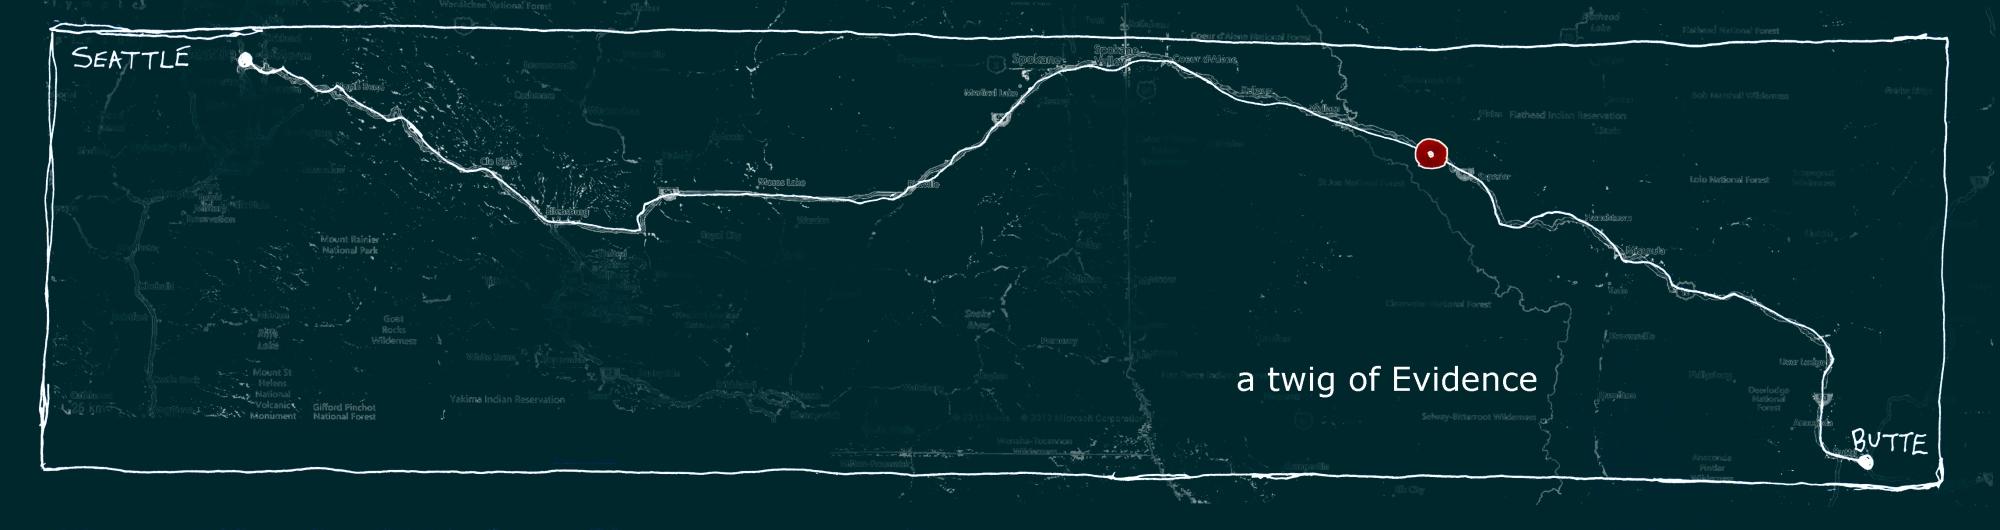 378 map